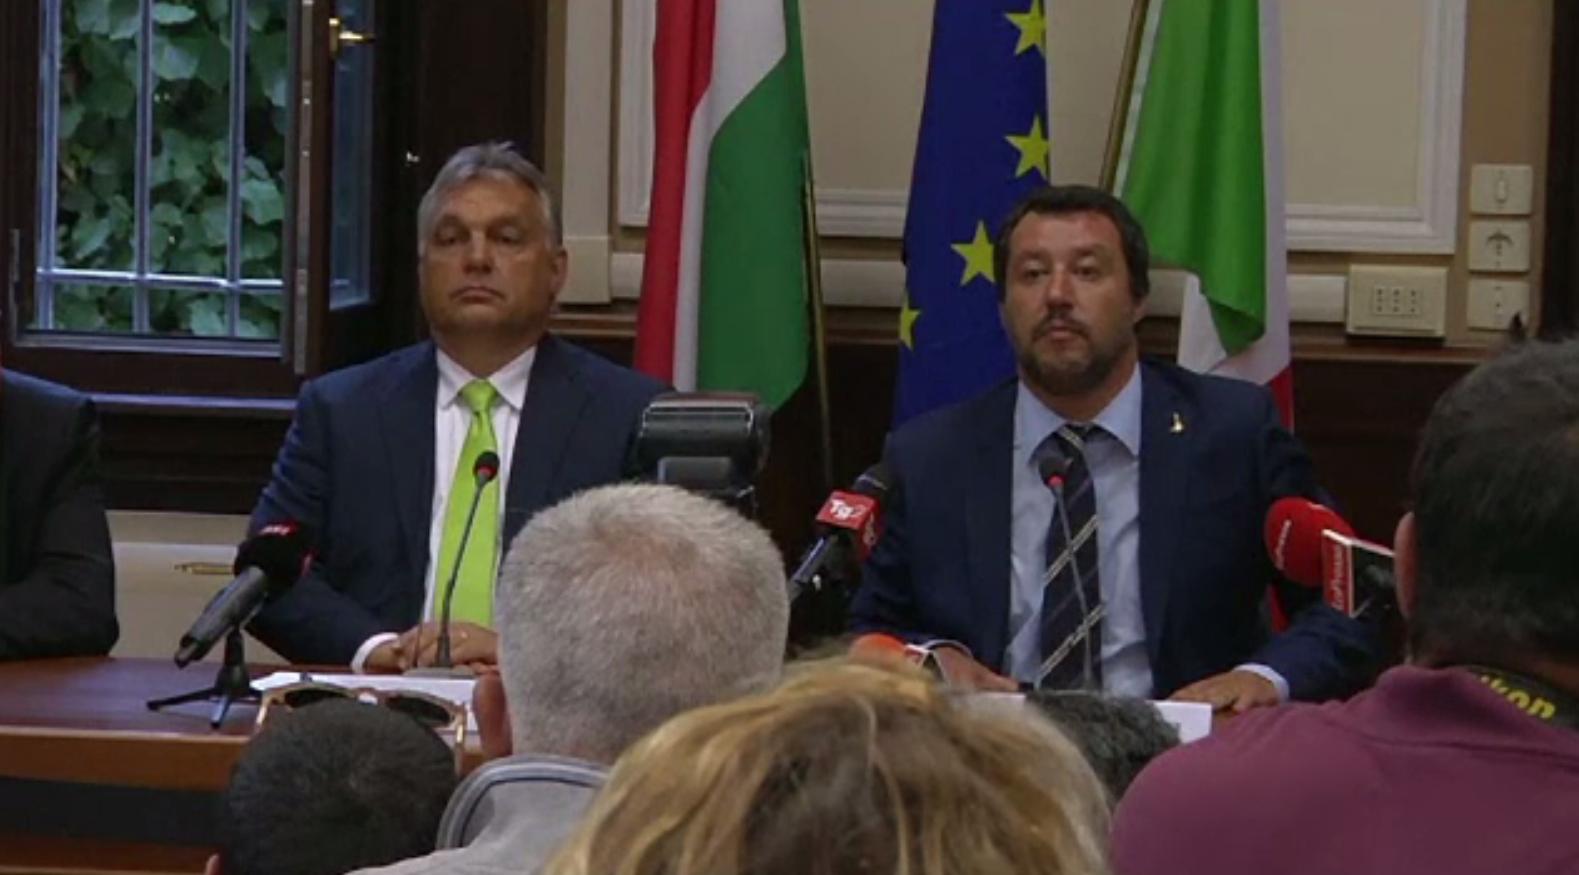 Viktor Orban și Matteo Salvini l-au nominalizat pe Macron ca fiind inamicul comun. Reacția liderului francez